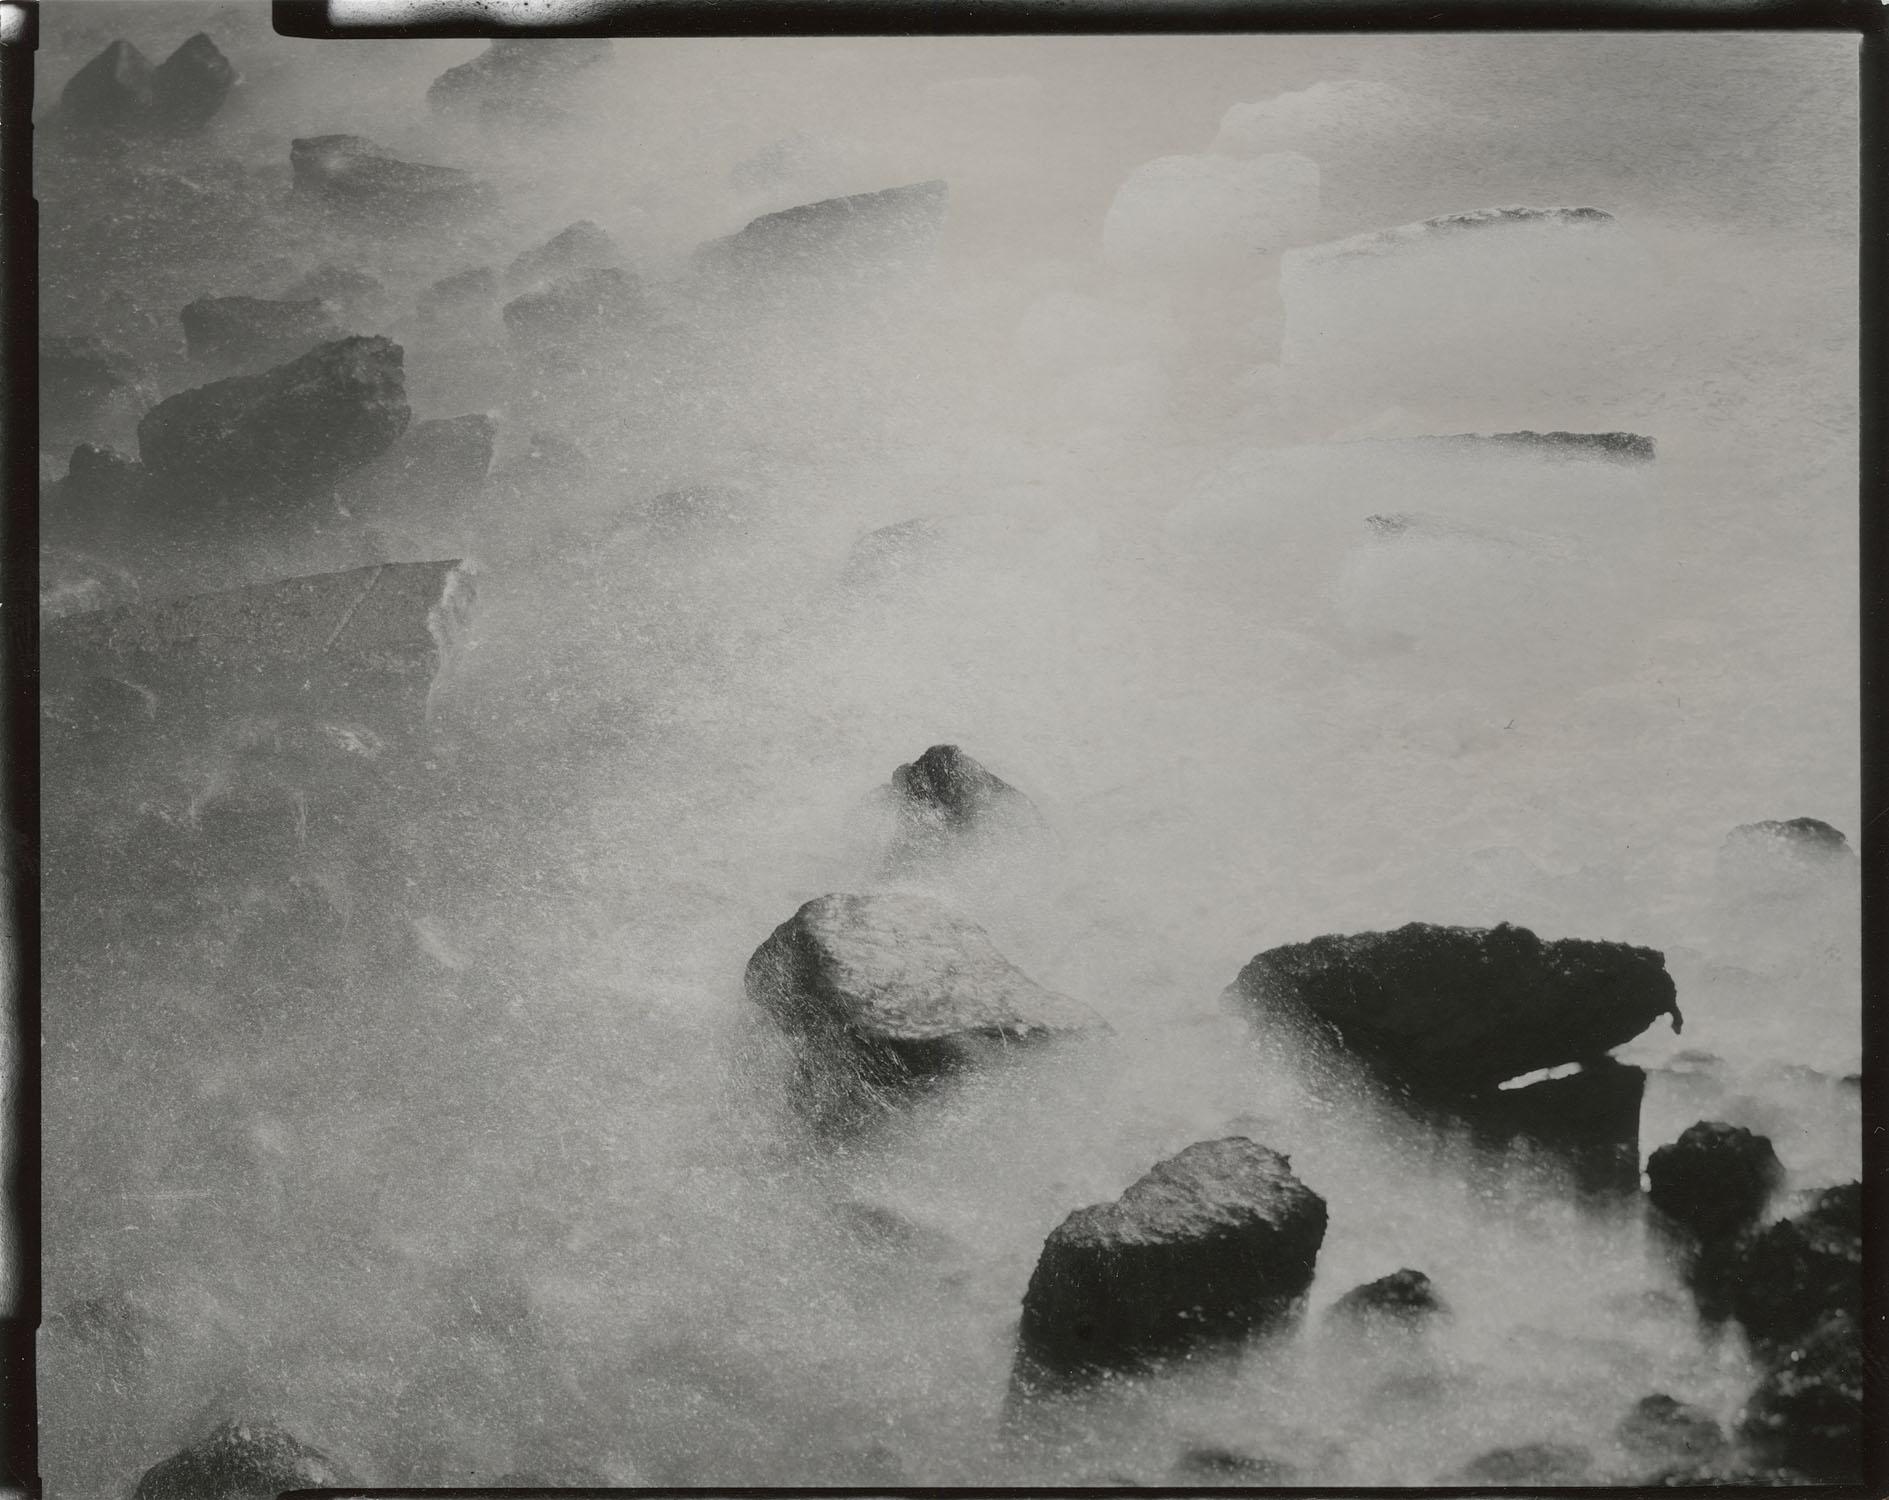 """Tidal #13, 2014. 4""""x5"""" unique gelatin silver paper negative. Courtesy of Yossi Milo Gallery, New York."""